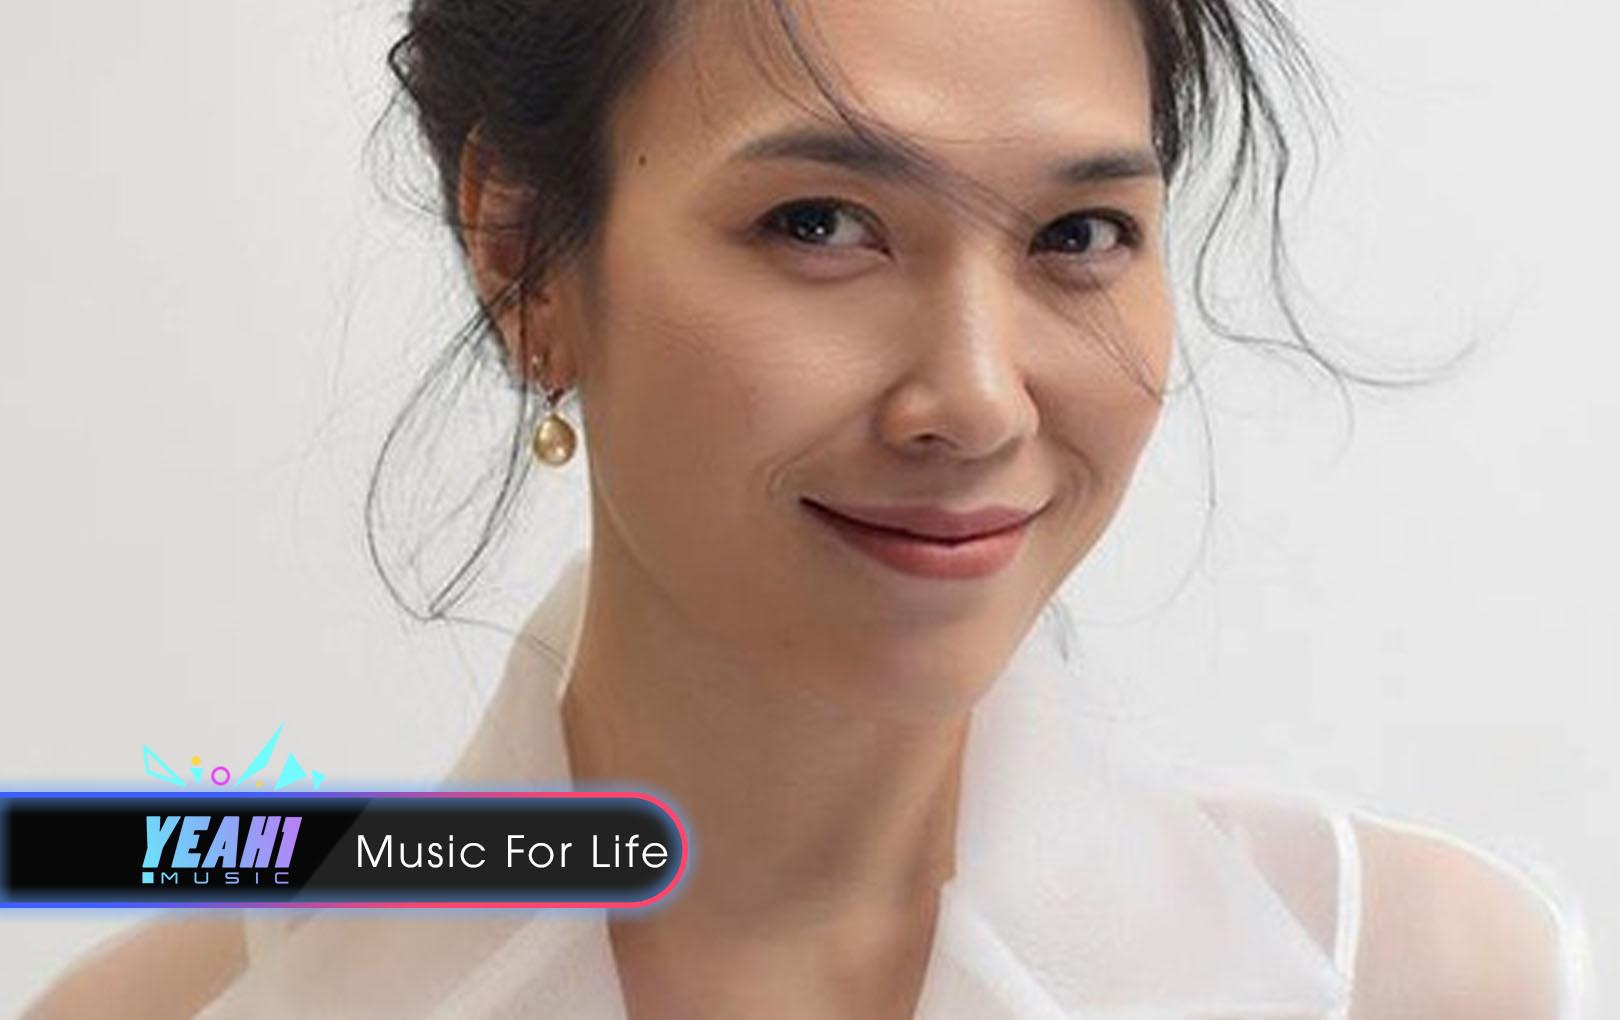 Mỹ Tâm được so sánh với Diva Hàn Quốc, Tóc Tiên được ví như TWICE